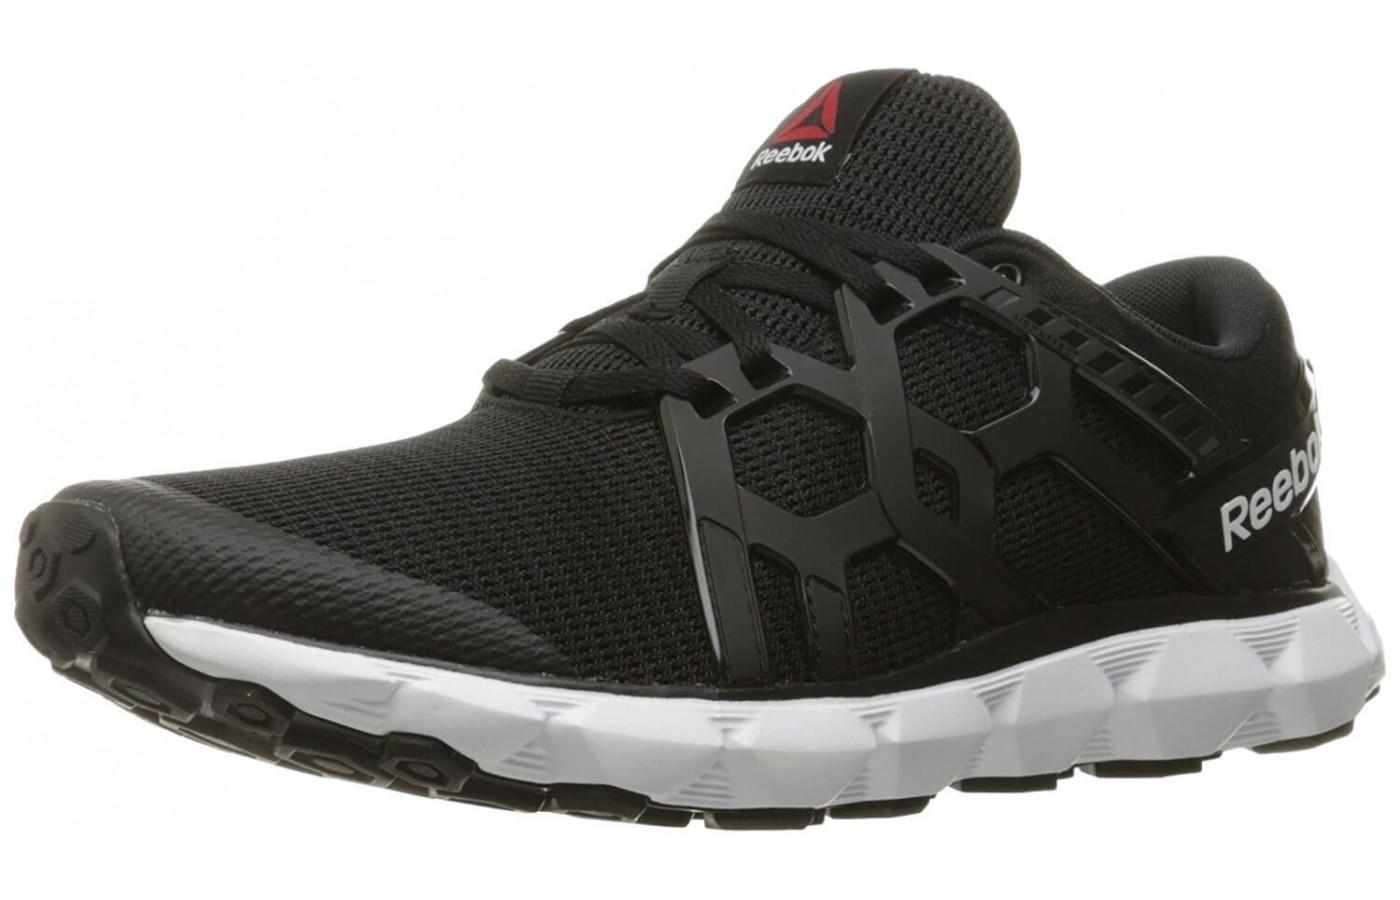 358454aa2195f1 ... men s Reebok running shoes. Reebok Hexaffect Run 4.0